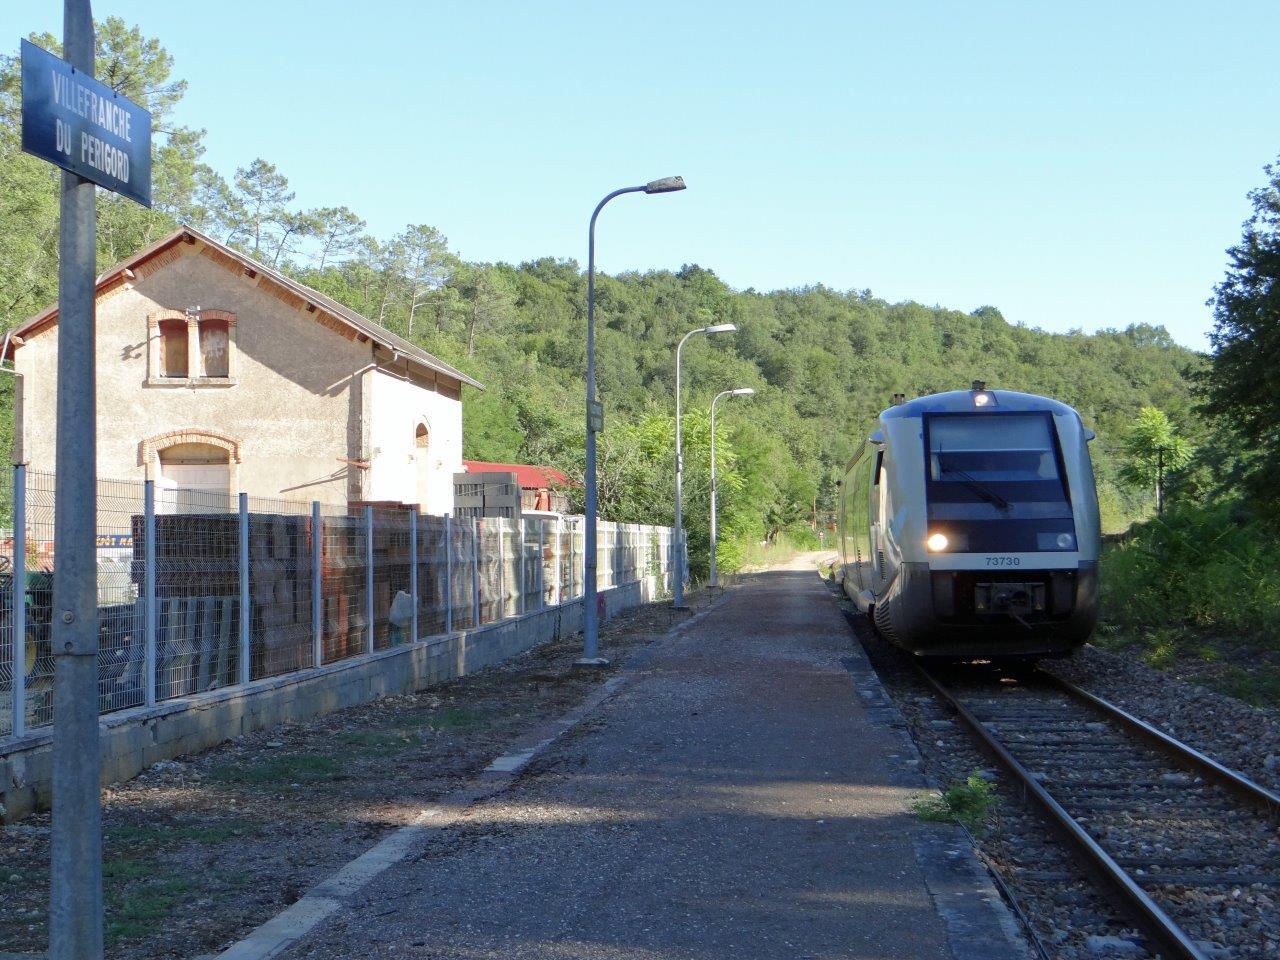 gare-de-villefranche-du-perigord-train-station